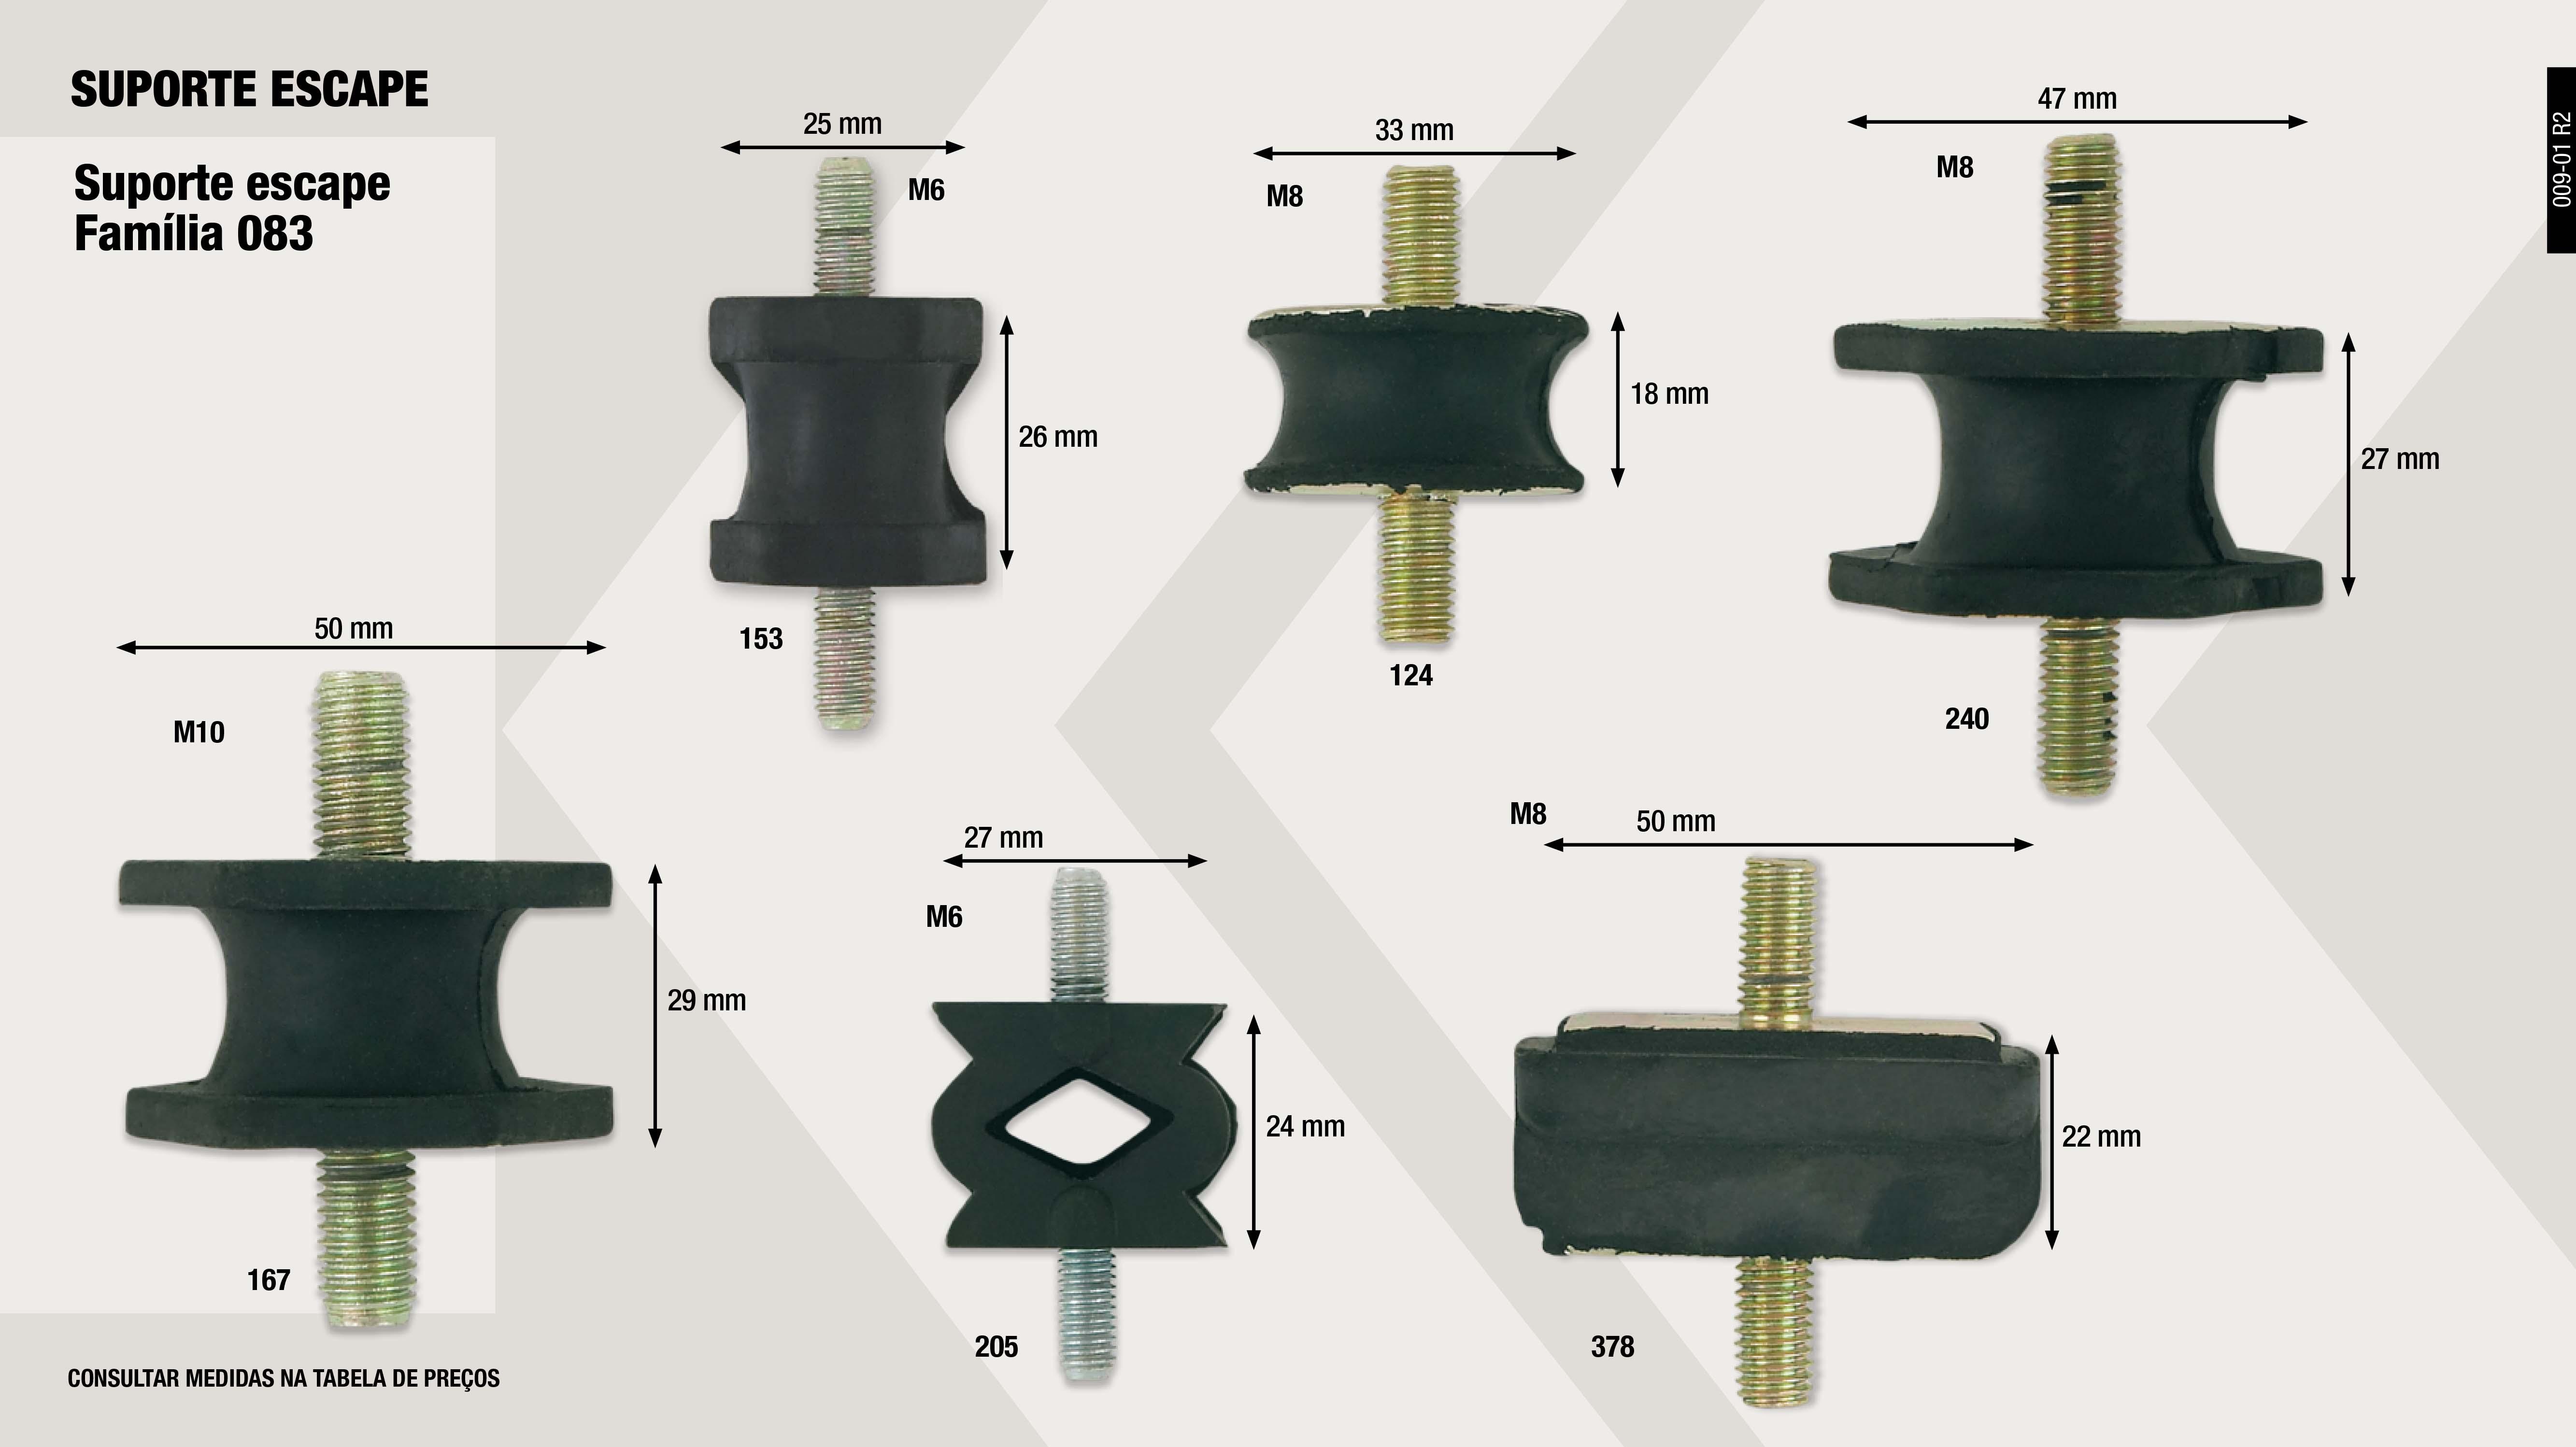 SUPORTE ESCAPE PEUGEOT 505-504                              ,  SUPORTE RENAULT 6                                           ,  SUPORTE MINI (M-8) 32                                       ,  SUPORTE ESCAPE RENAULT 6-12 (M-10)                          ,  SUPORTE ESCAPE RENAULT 5-14                                 ,  SUPORTE ESCAPE RENAULT 4-5-6 (M-6)                          ,  SUPORTE R-18 (M-8)                                          ,